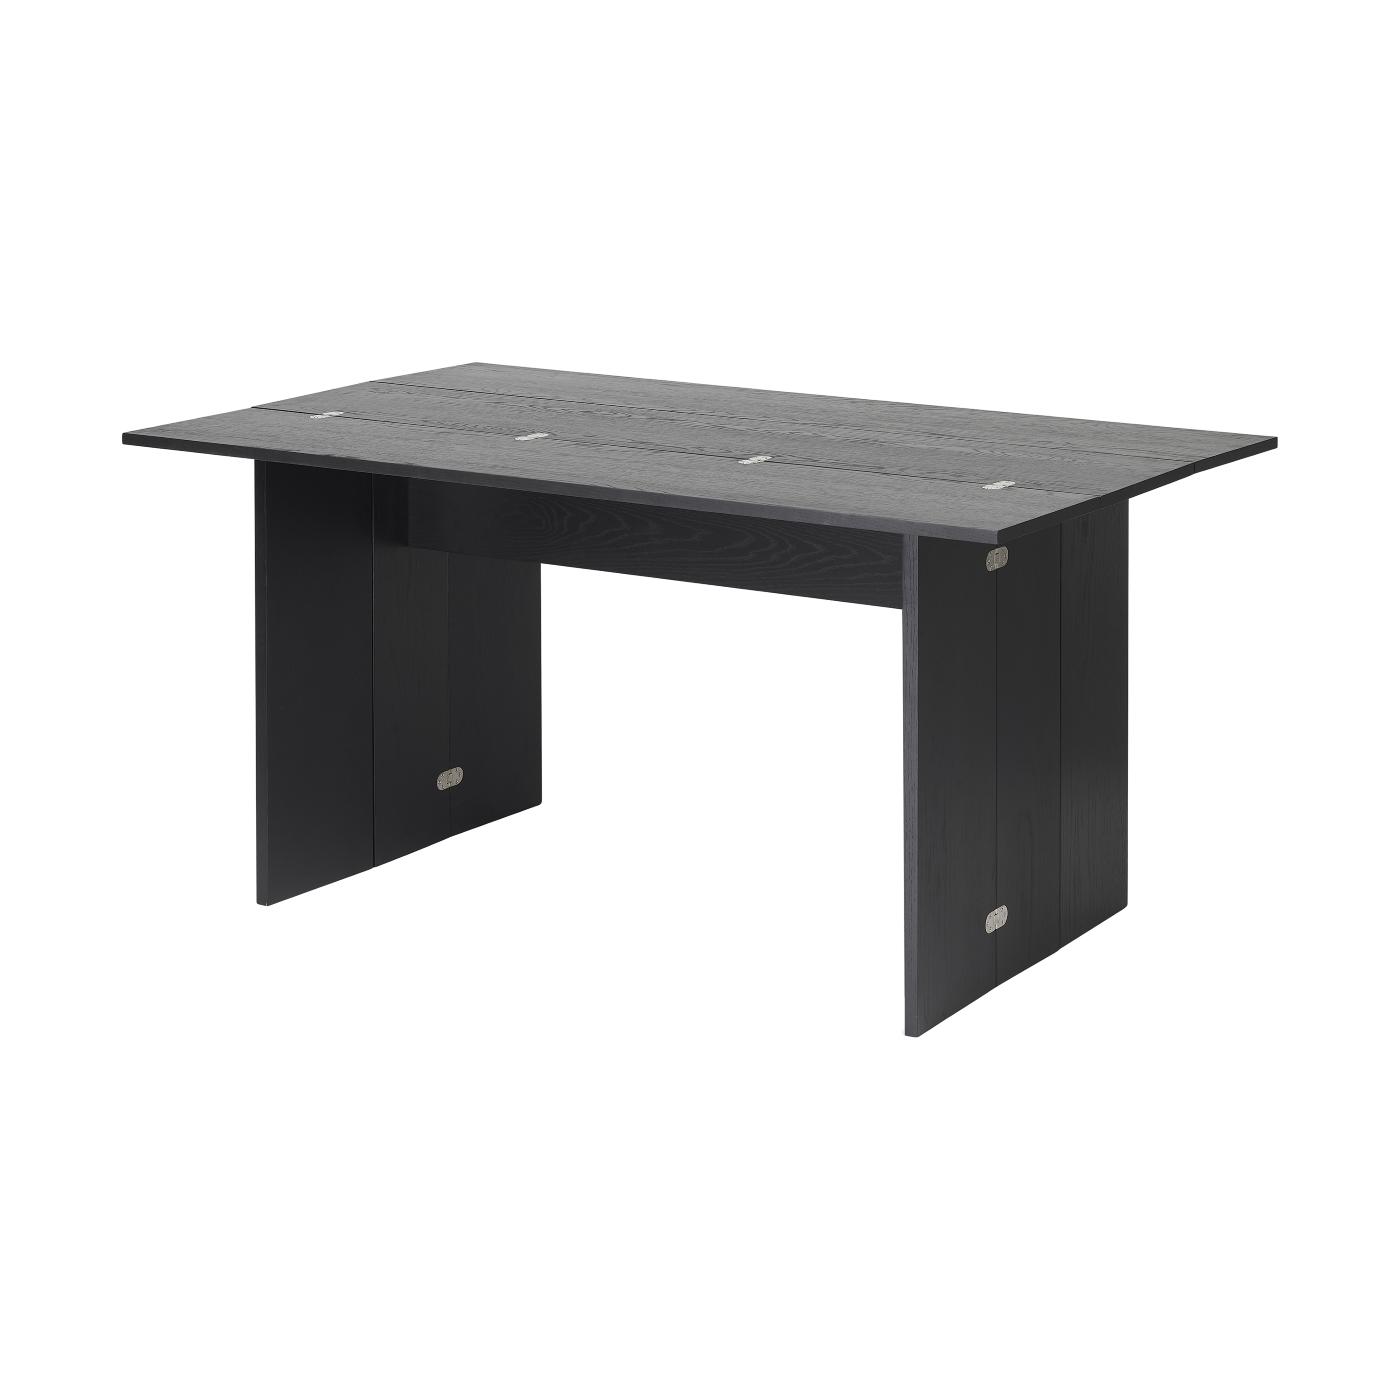 Flip table svart, Design House